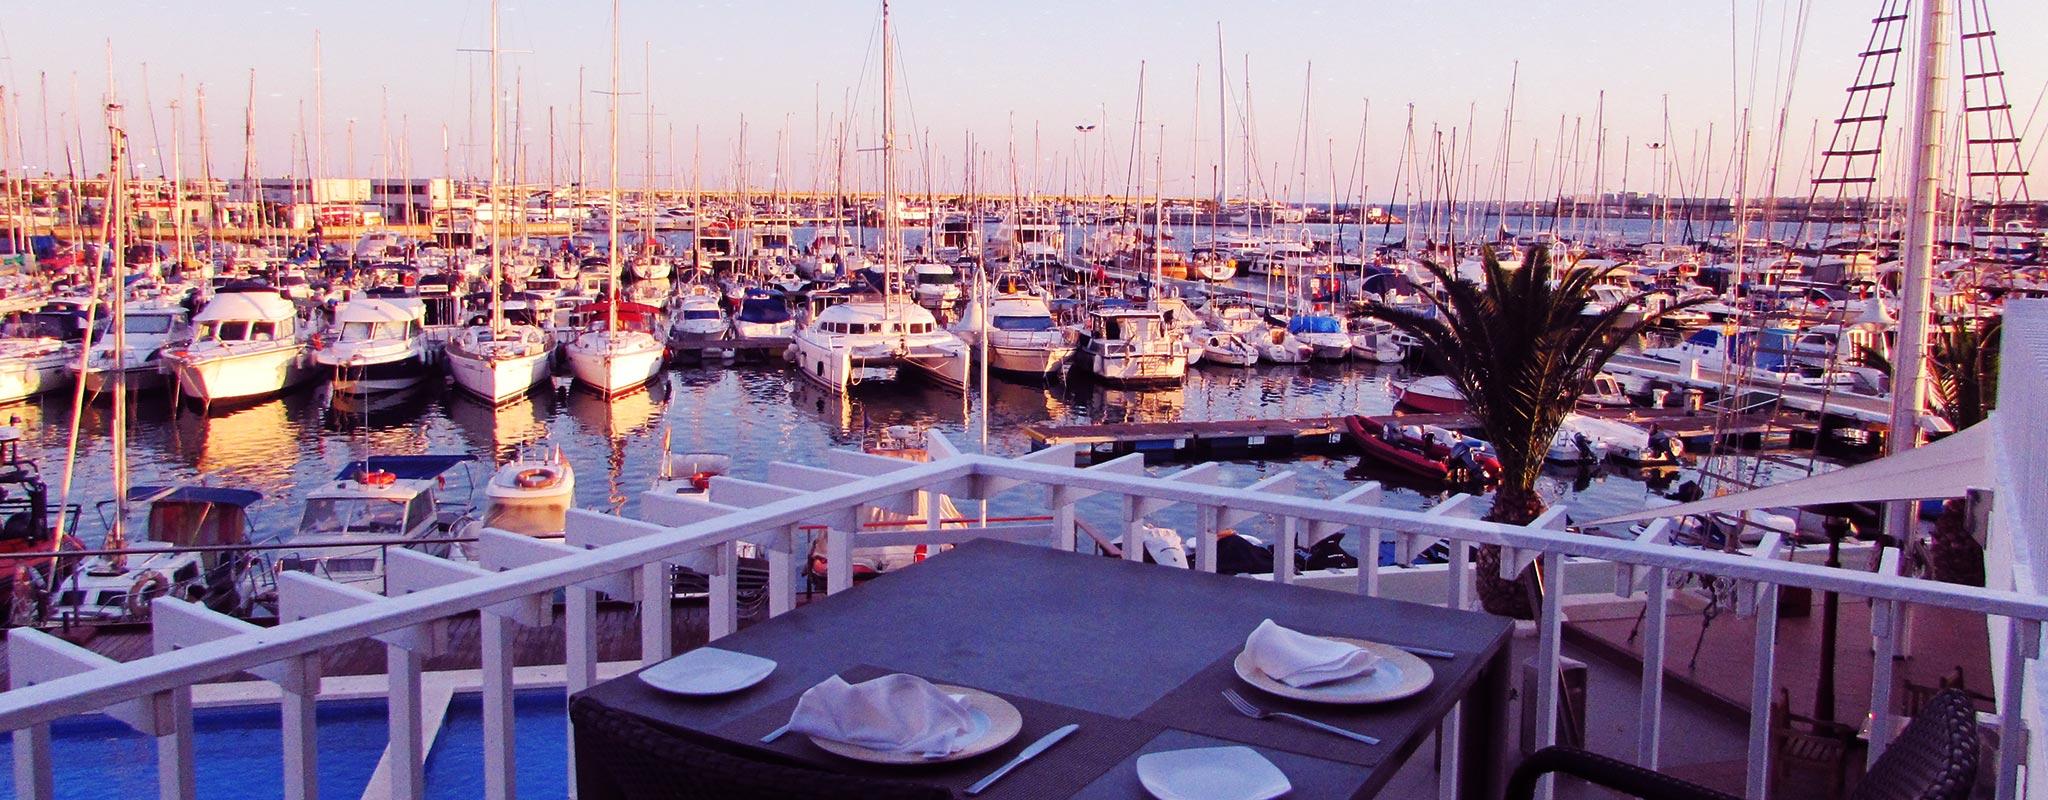 Disfruta de una deliciosa cena con tu pareja en El puerto